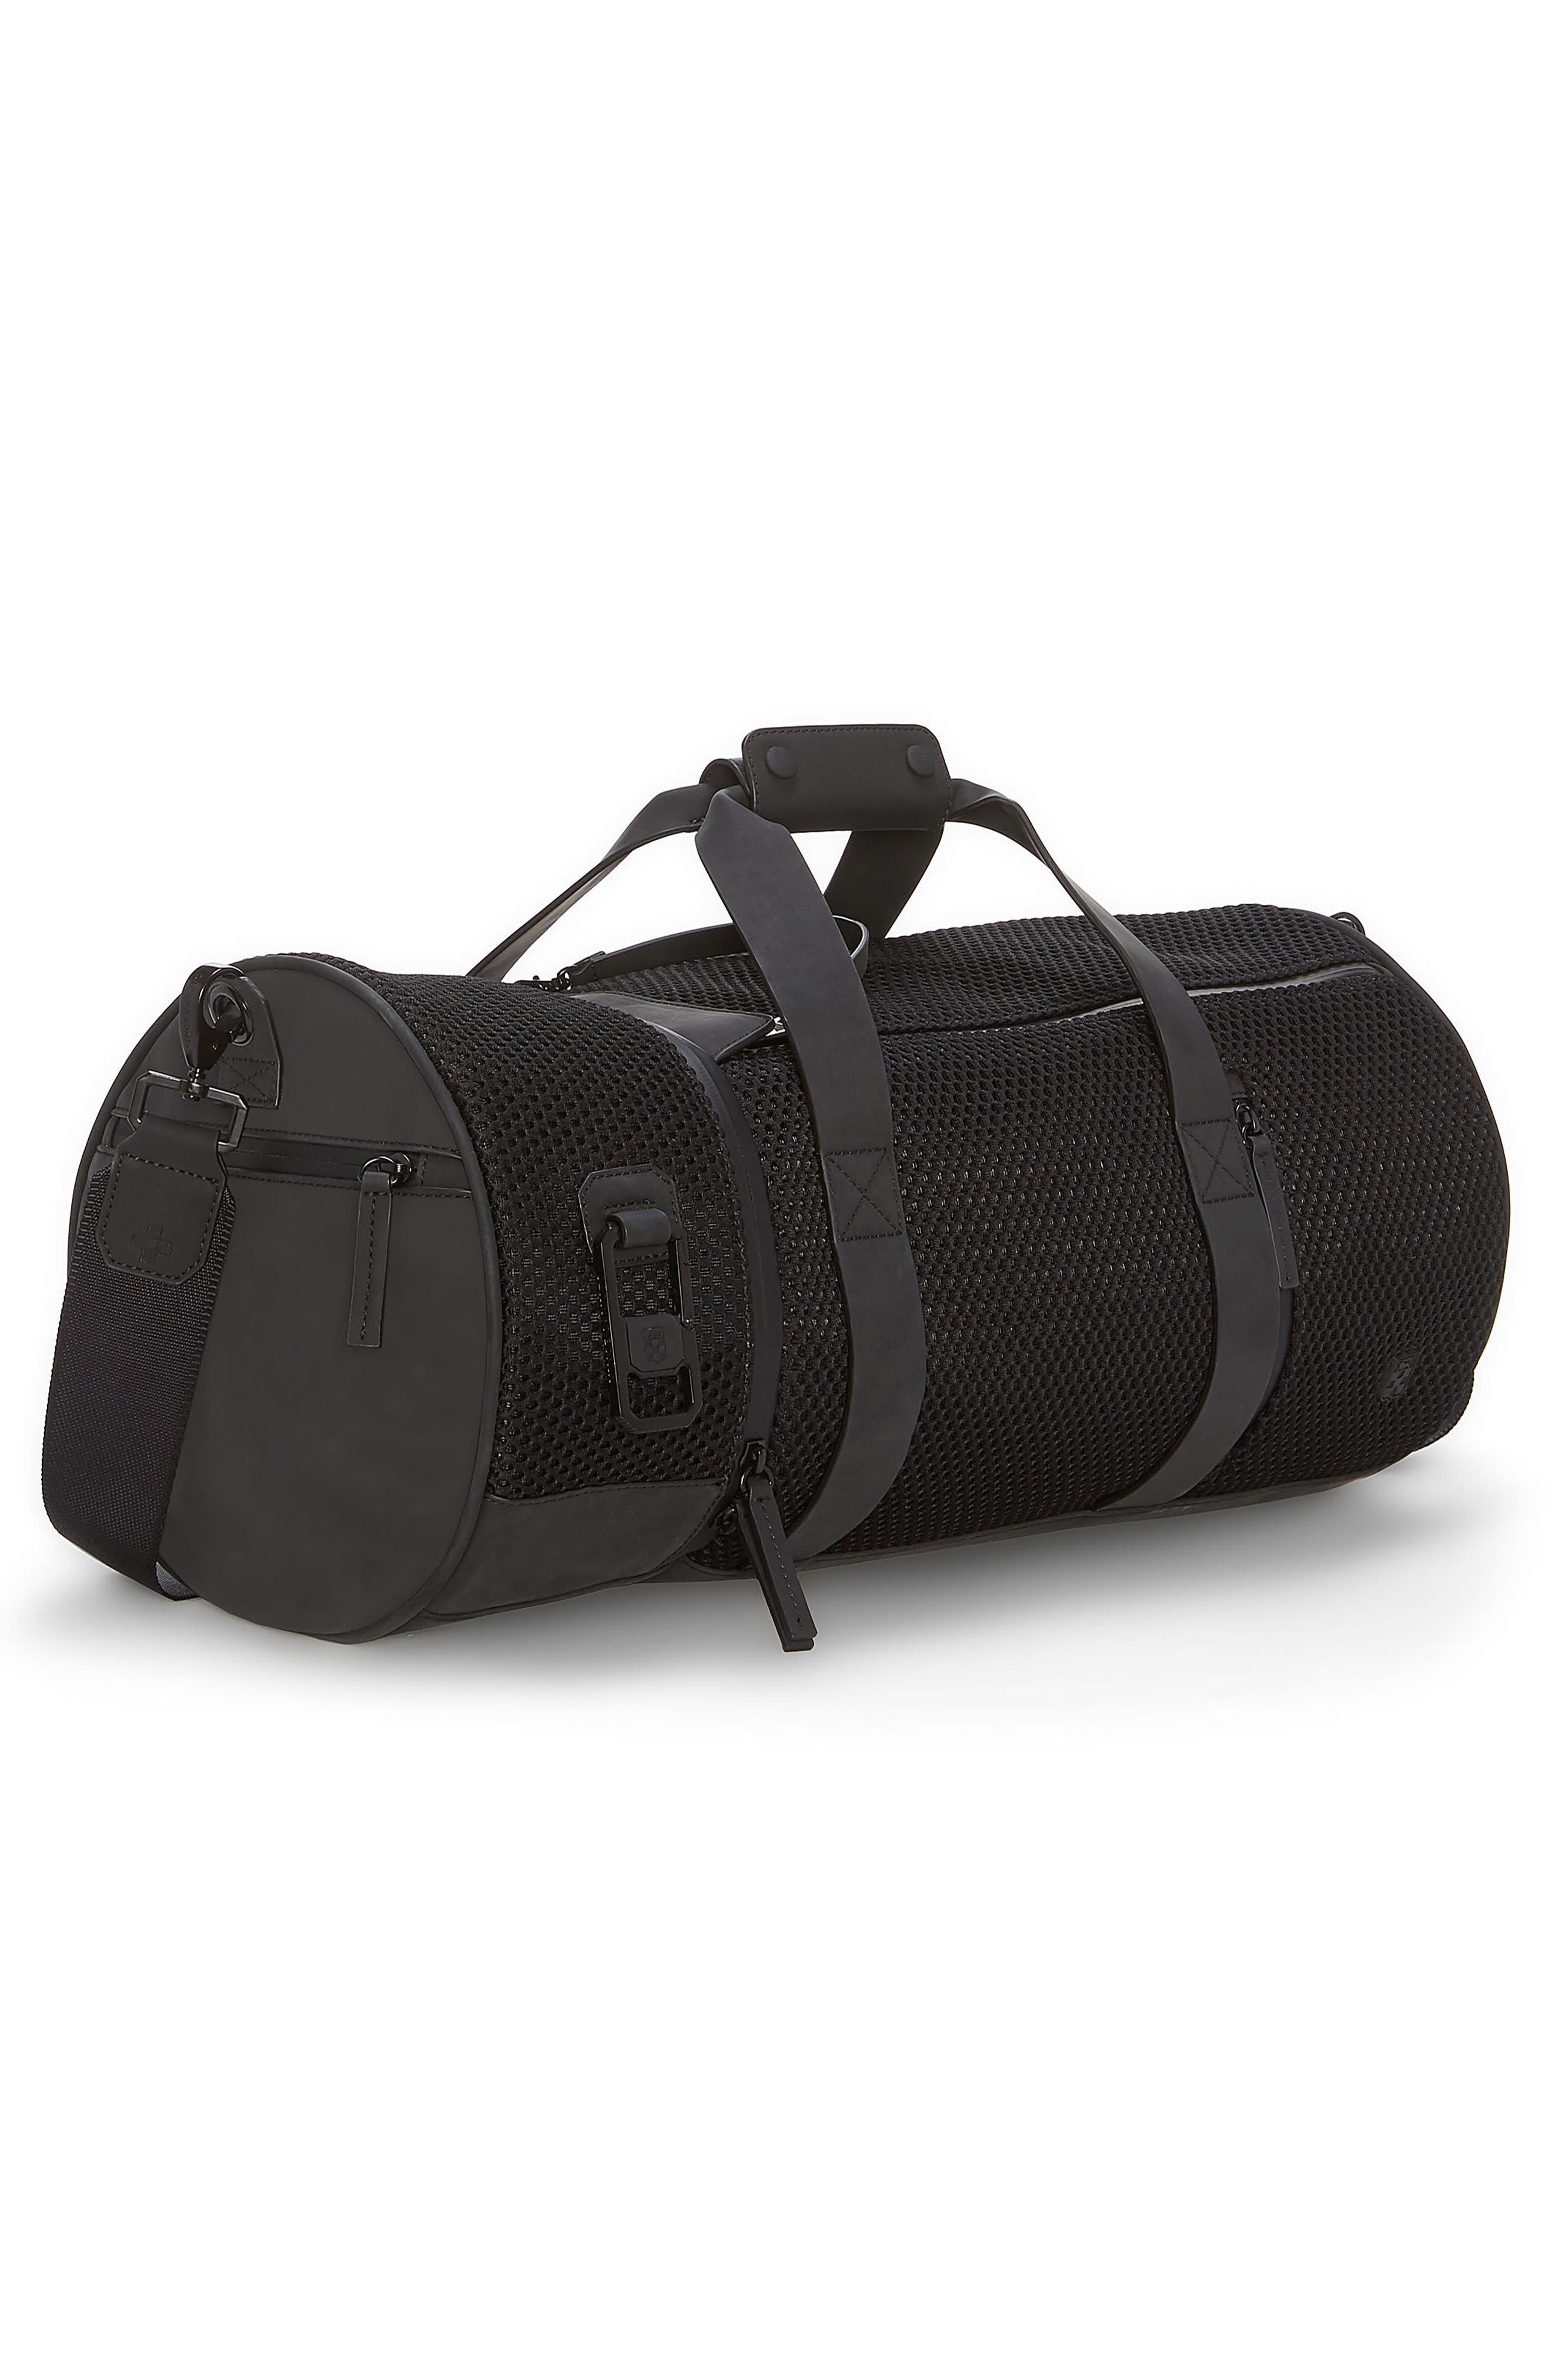 Urban Mesh Duffel Bag,                             Alternate thumbnail 4, color,                             BLACK